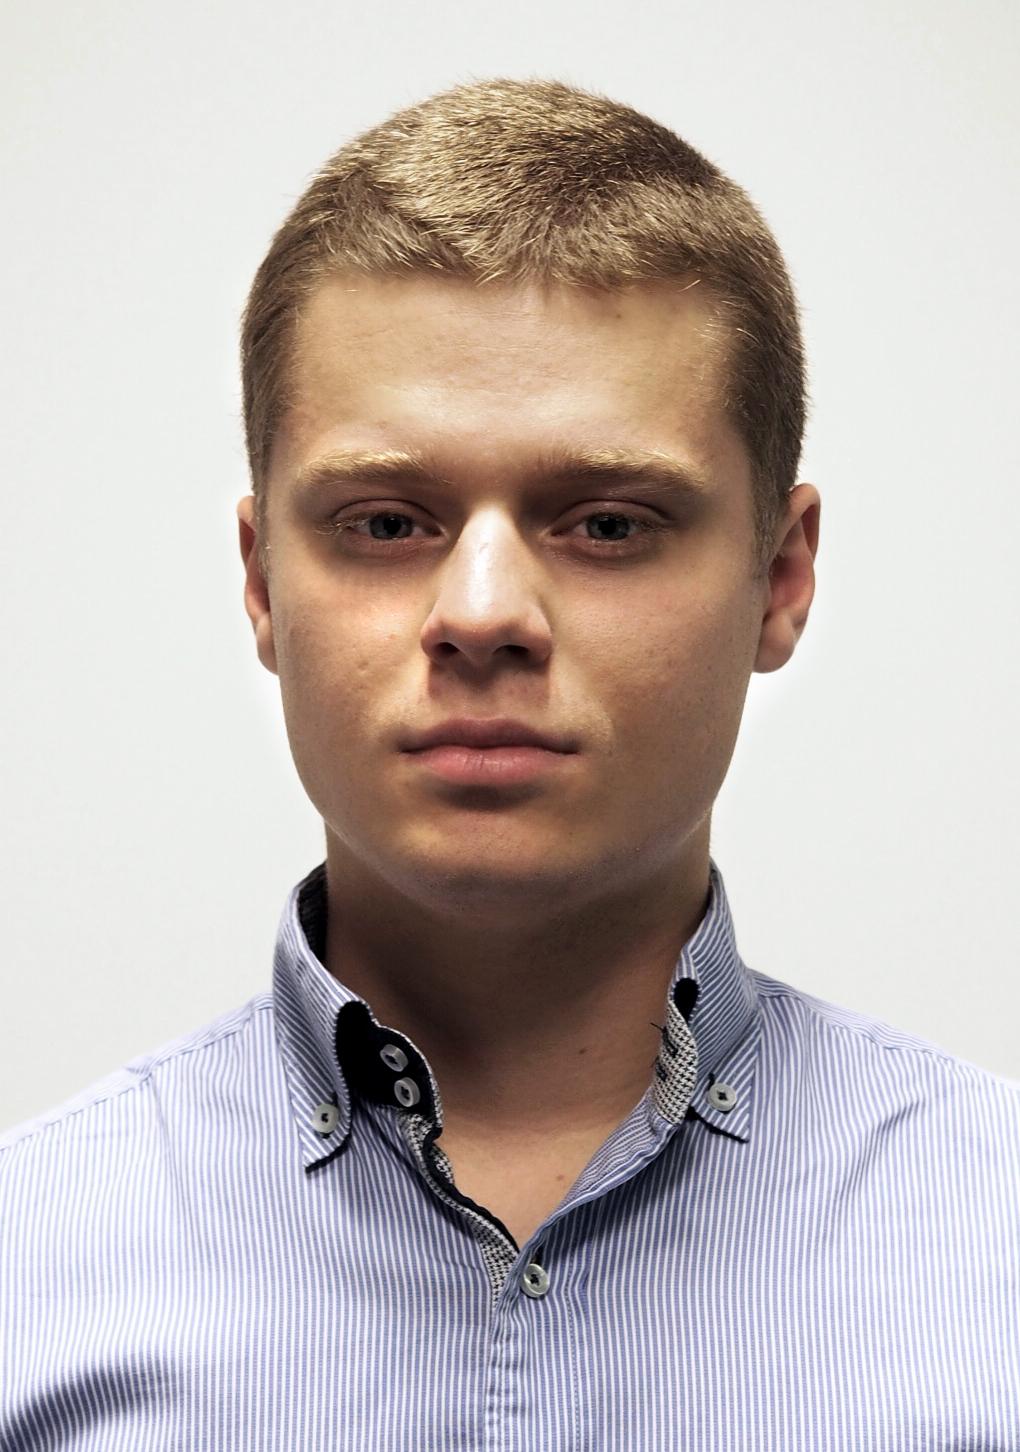 Adam Sobczyk